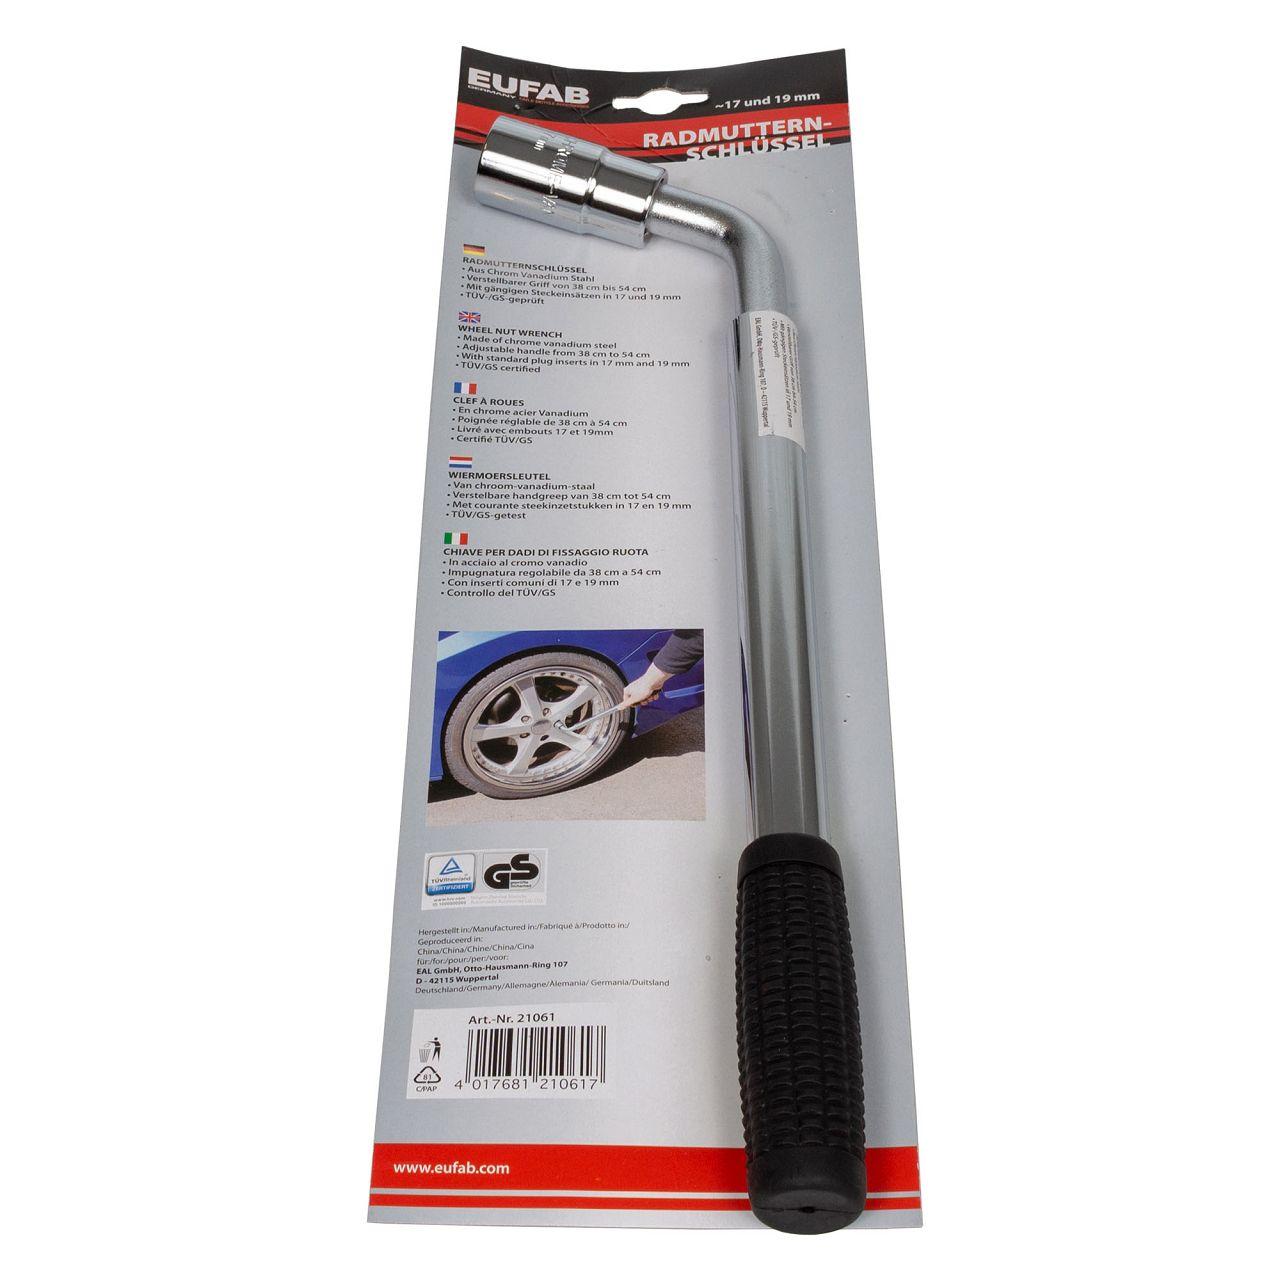 EUFAB Radmutternschlüssel 17mm & 19mm ausziehbar 38-54cm Chrom Vanadium Stahl